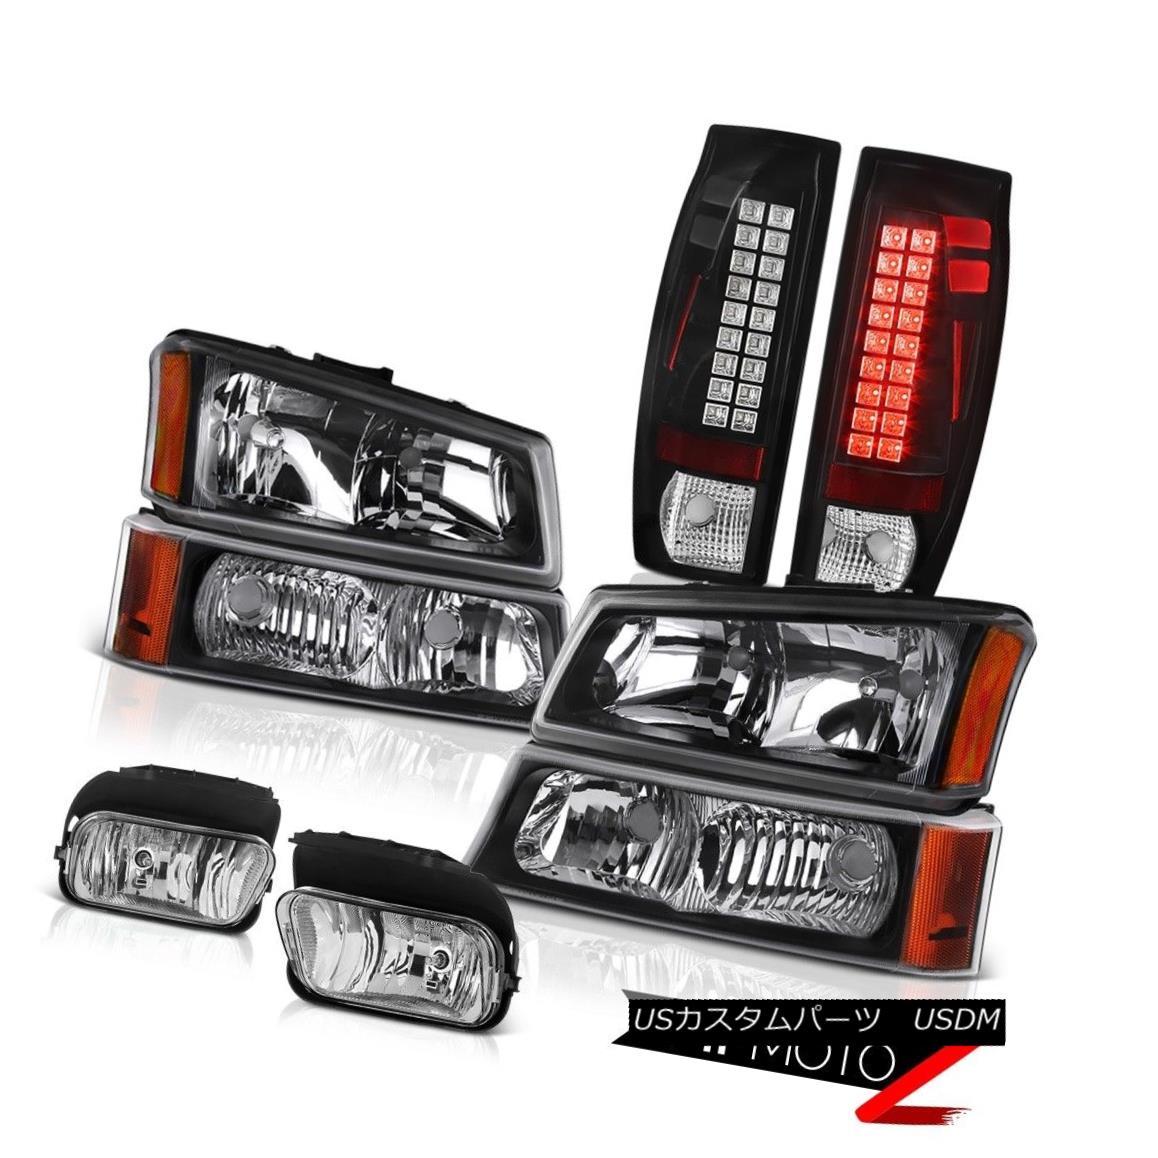 ヘッドライト 03-06 Avalanche 1500 Euro Clear Fog Lamps Infinity Black Tail Brake Headlamps 03-06雪崩1500ユーロクリアフォグランプインフィニティブラックテールブレーキヘッドランプ